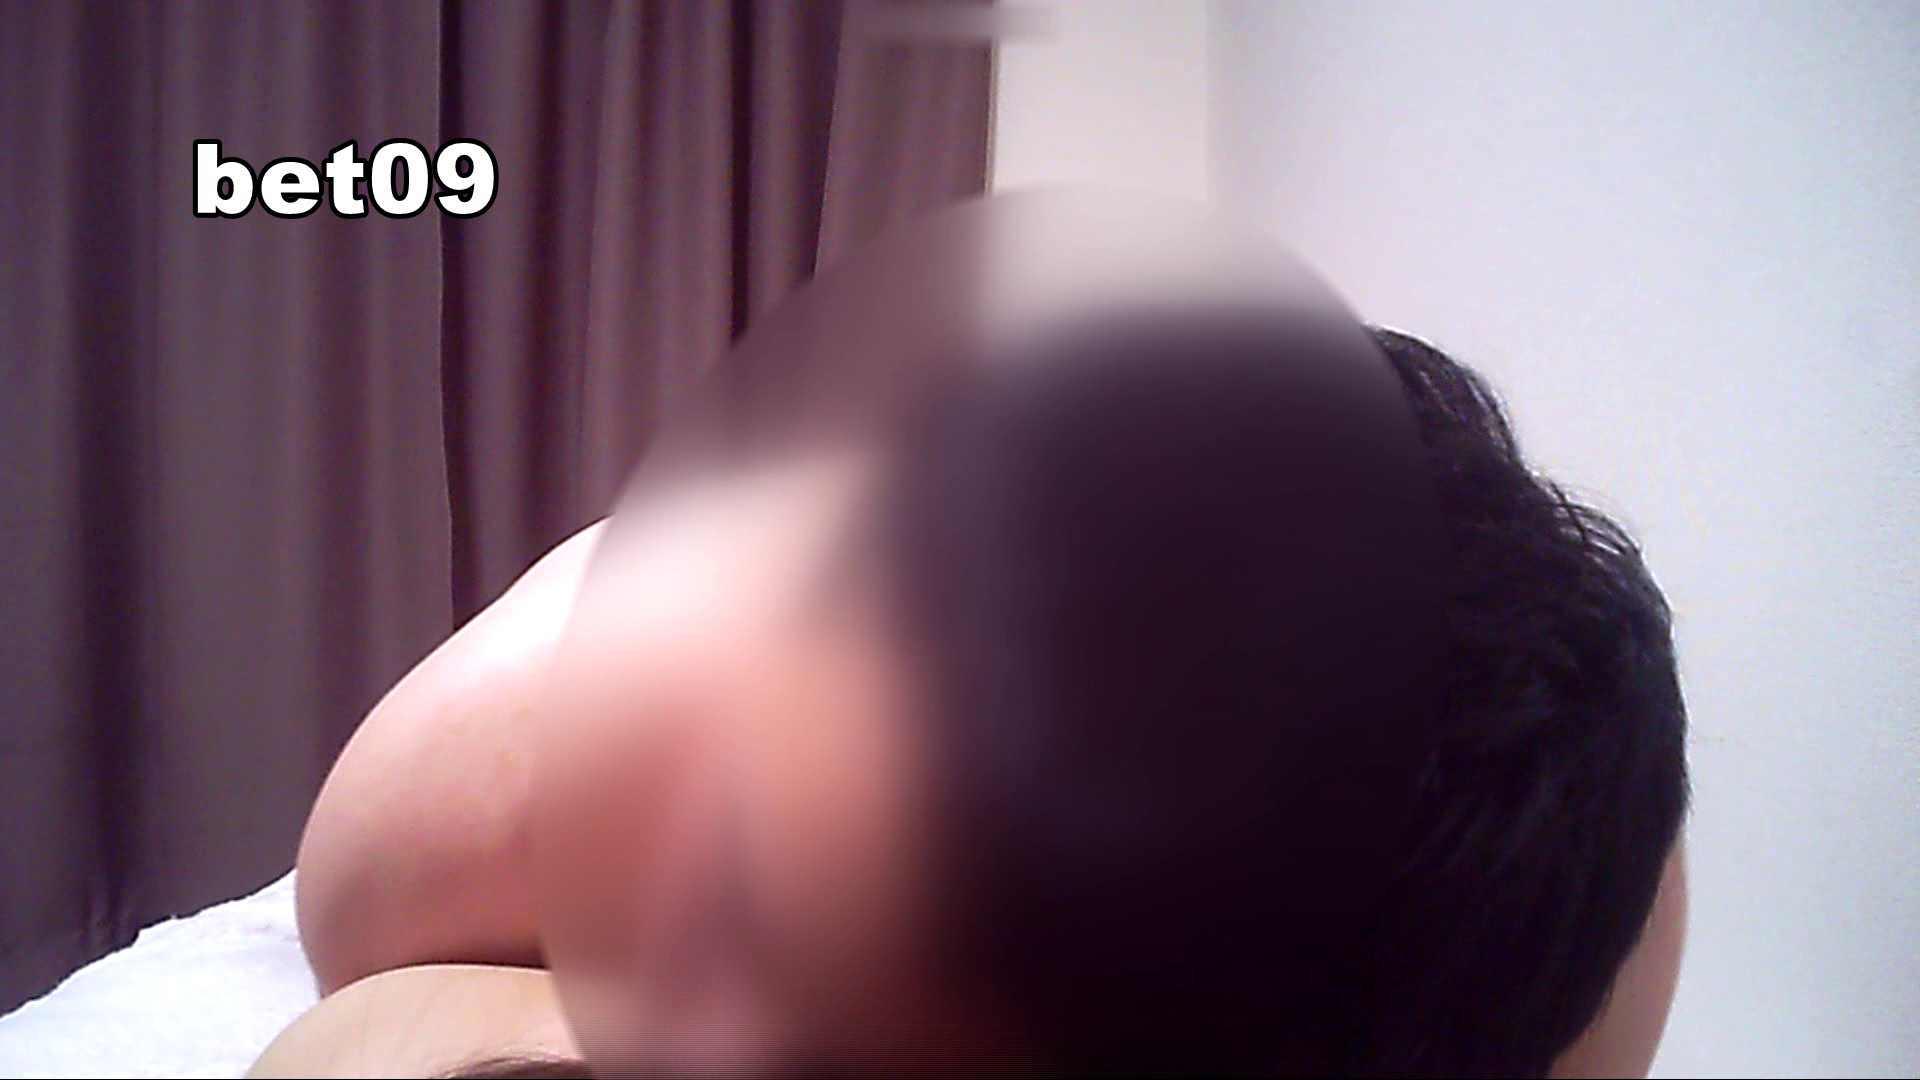 ミキ・大手旅行代理店勤務(24歳・仮名) vol.09 ミキの顔が紅潮してきます セックス AV無料動画キャプチャ 86枚 17